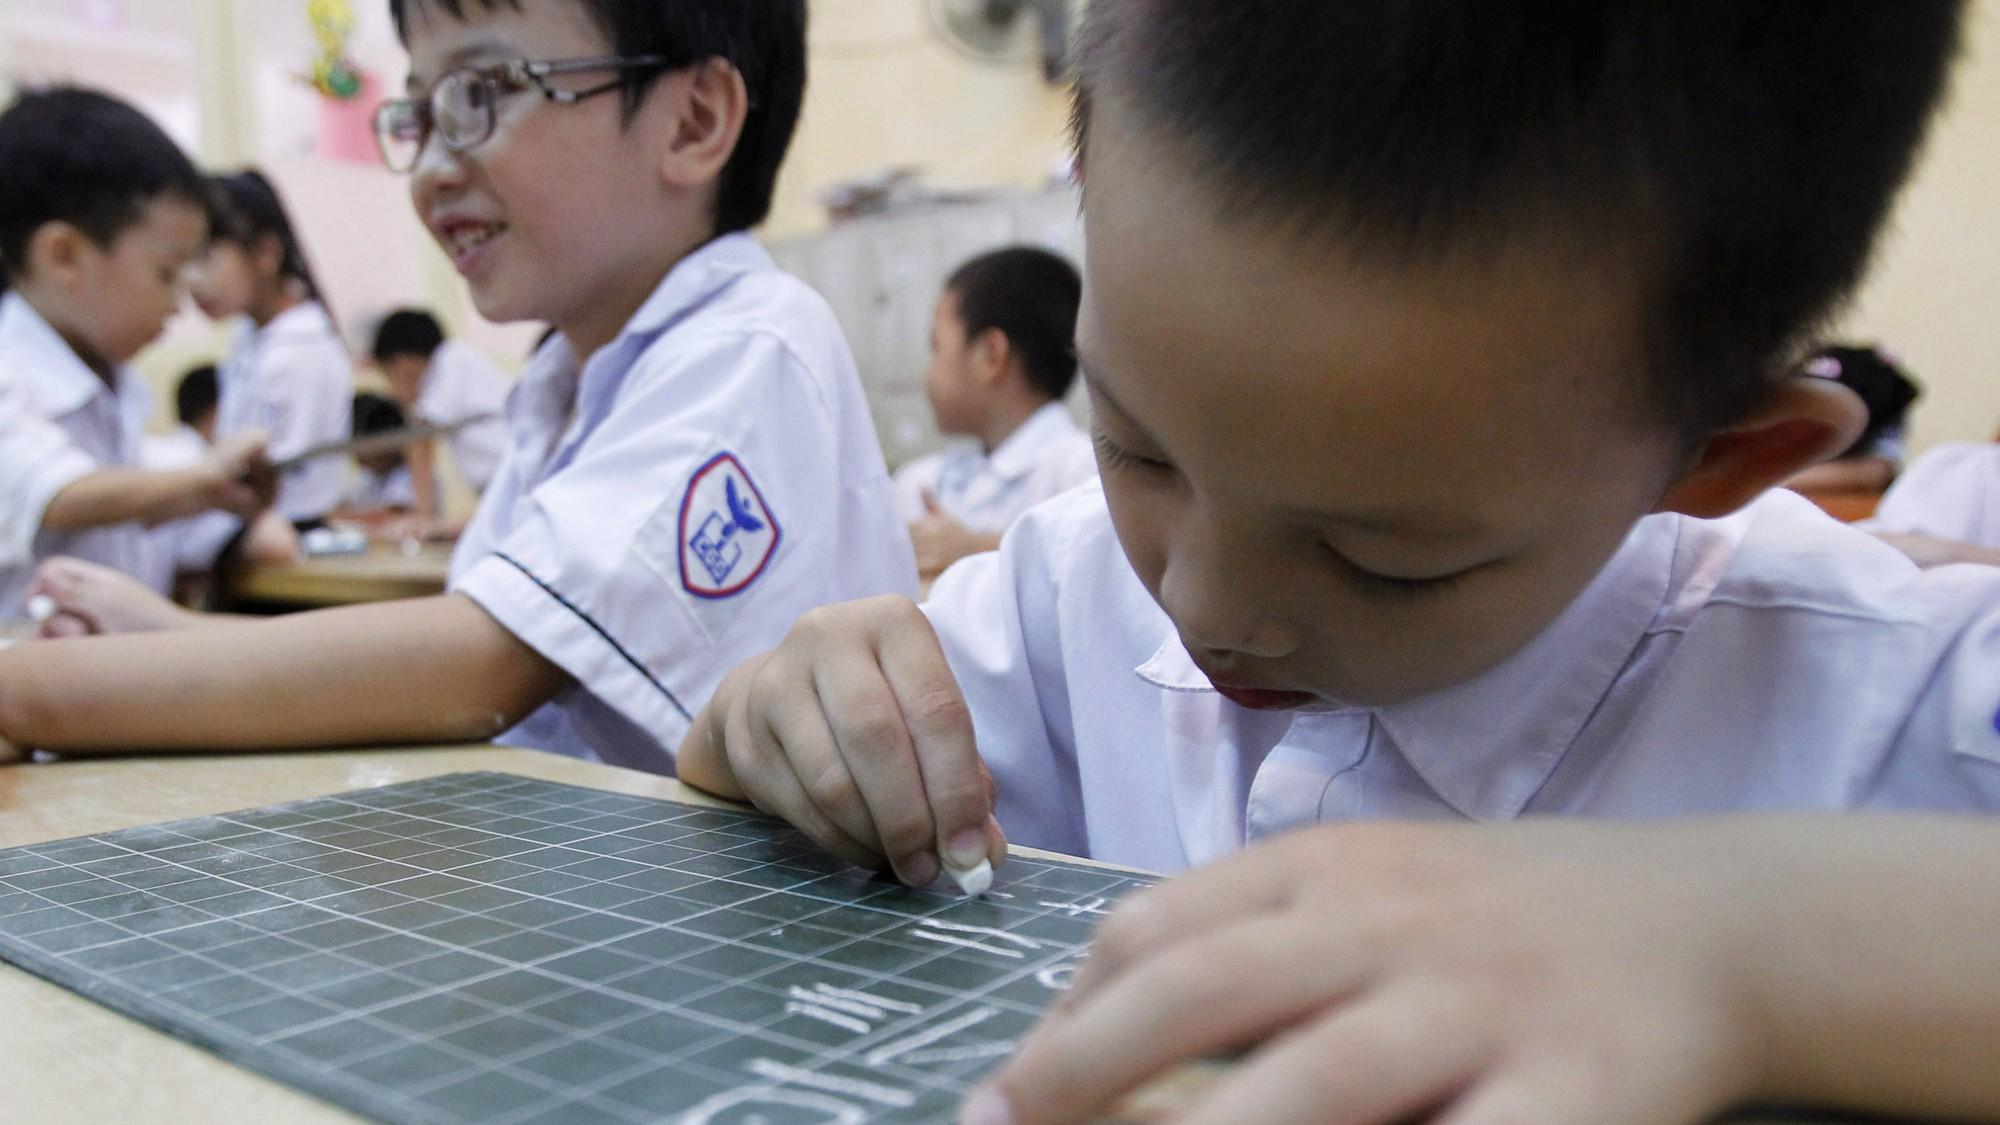 Con vào lớp 1: Cứ để tập viết, tập đọc cho cô giáo lo, cha mẹ hãy dạy con những điều nhà trường không dạy - Ảnh 1.